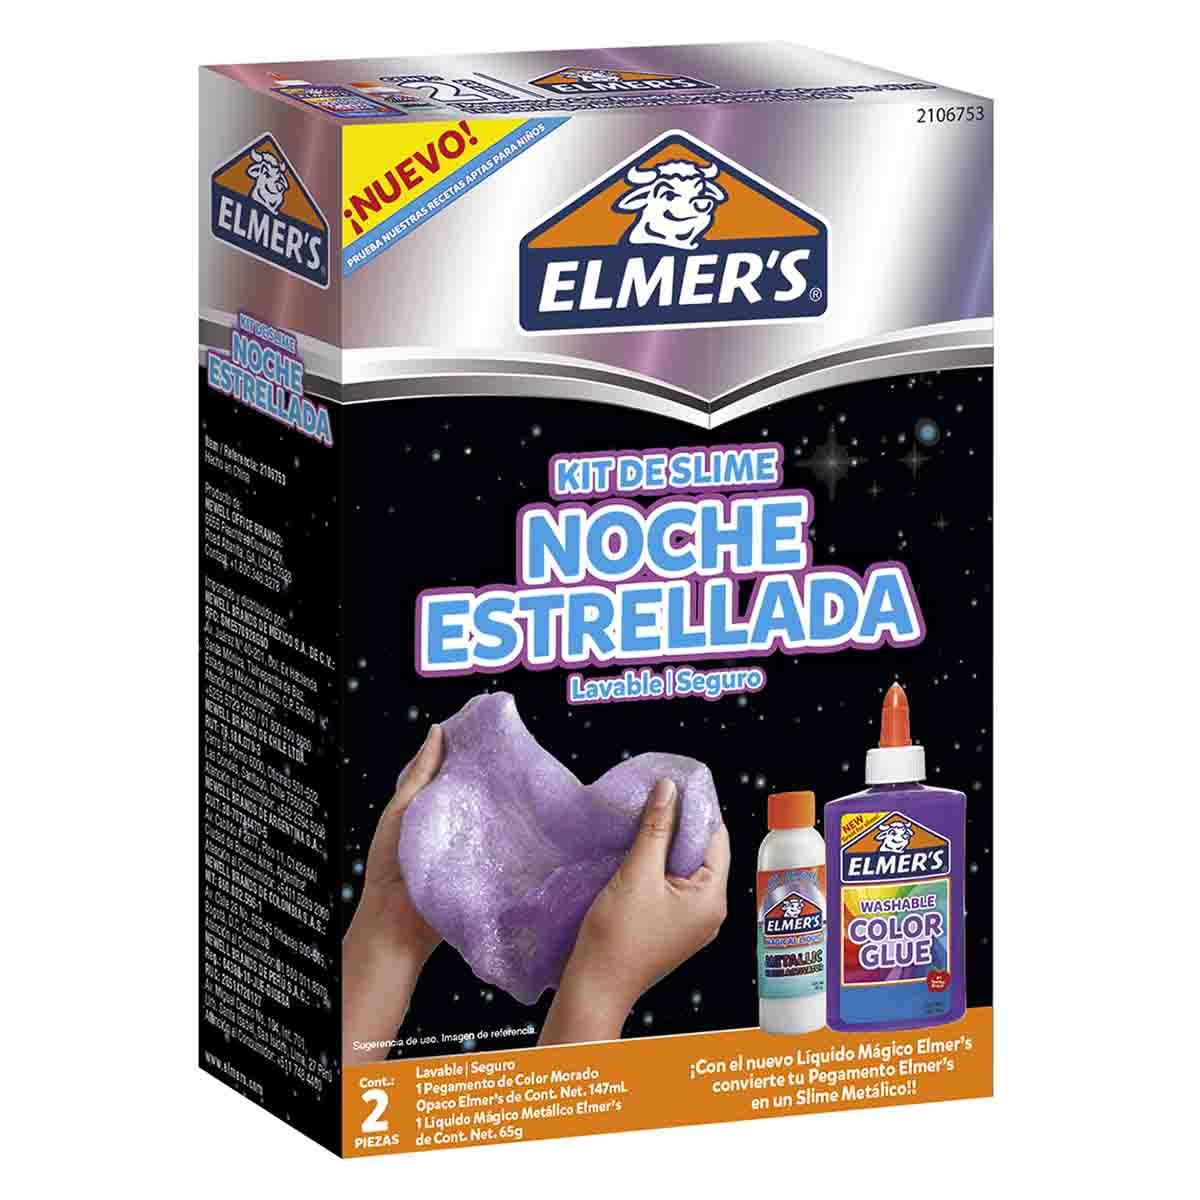 Kit Set Juego Slime Noche Estrellada Morado 2 Piezas Elmers